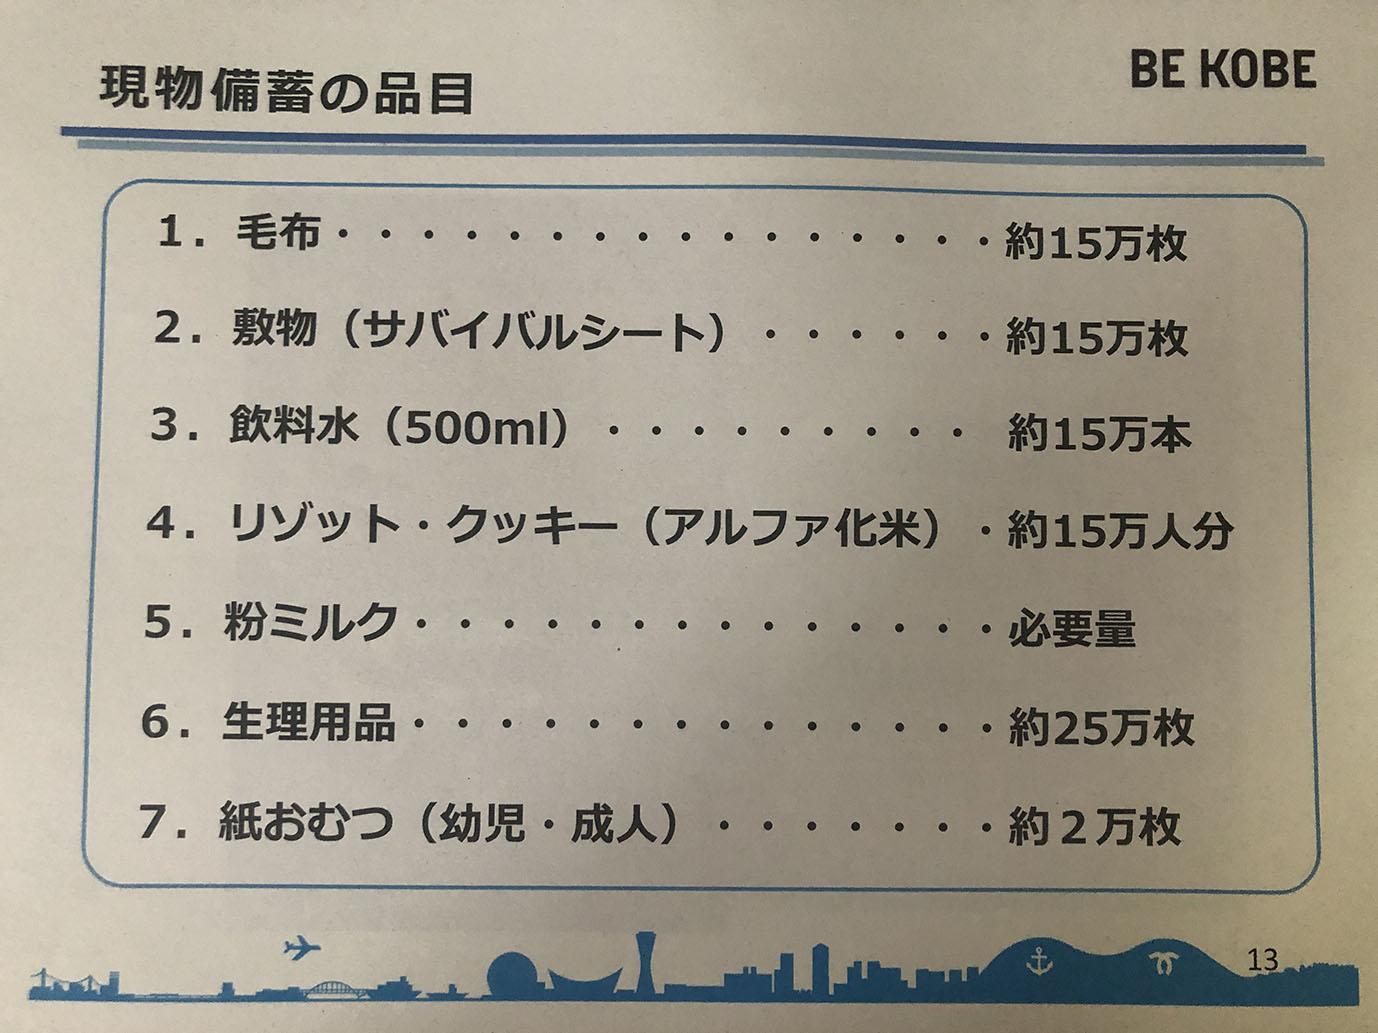 神戸市避難所に備蓄されている備蓄品一覧